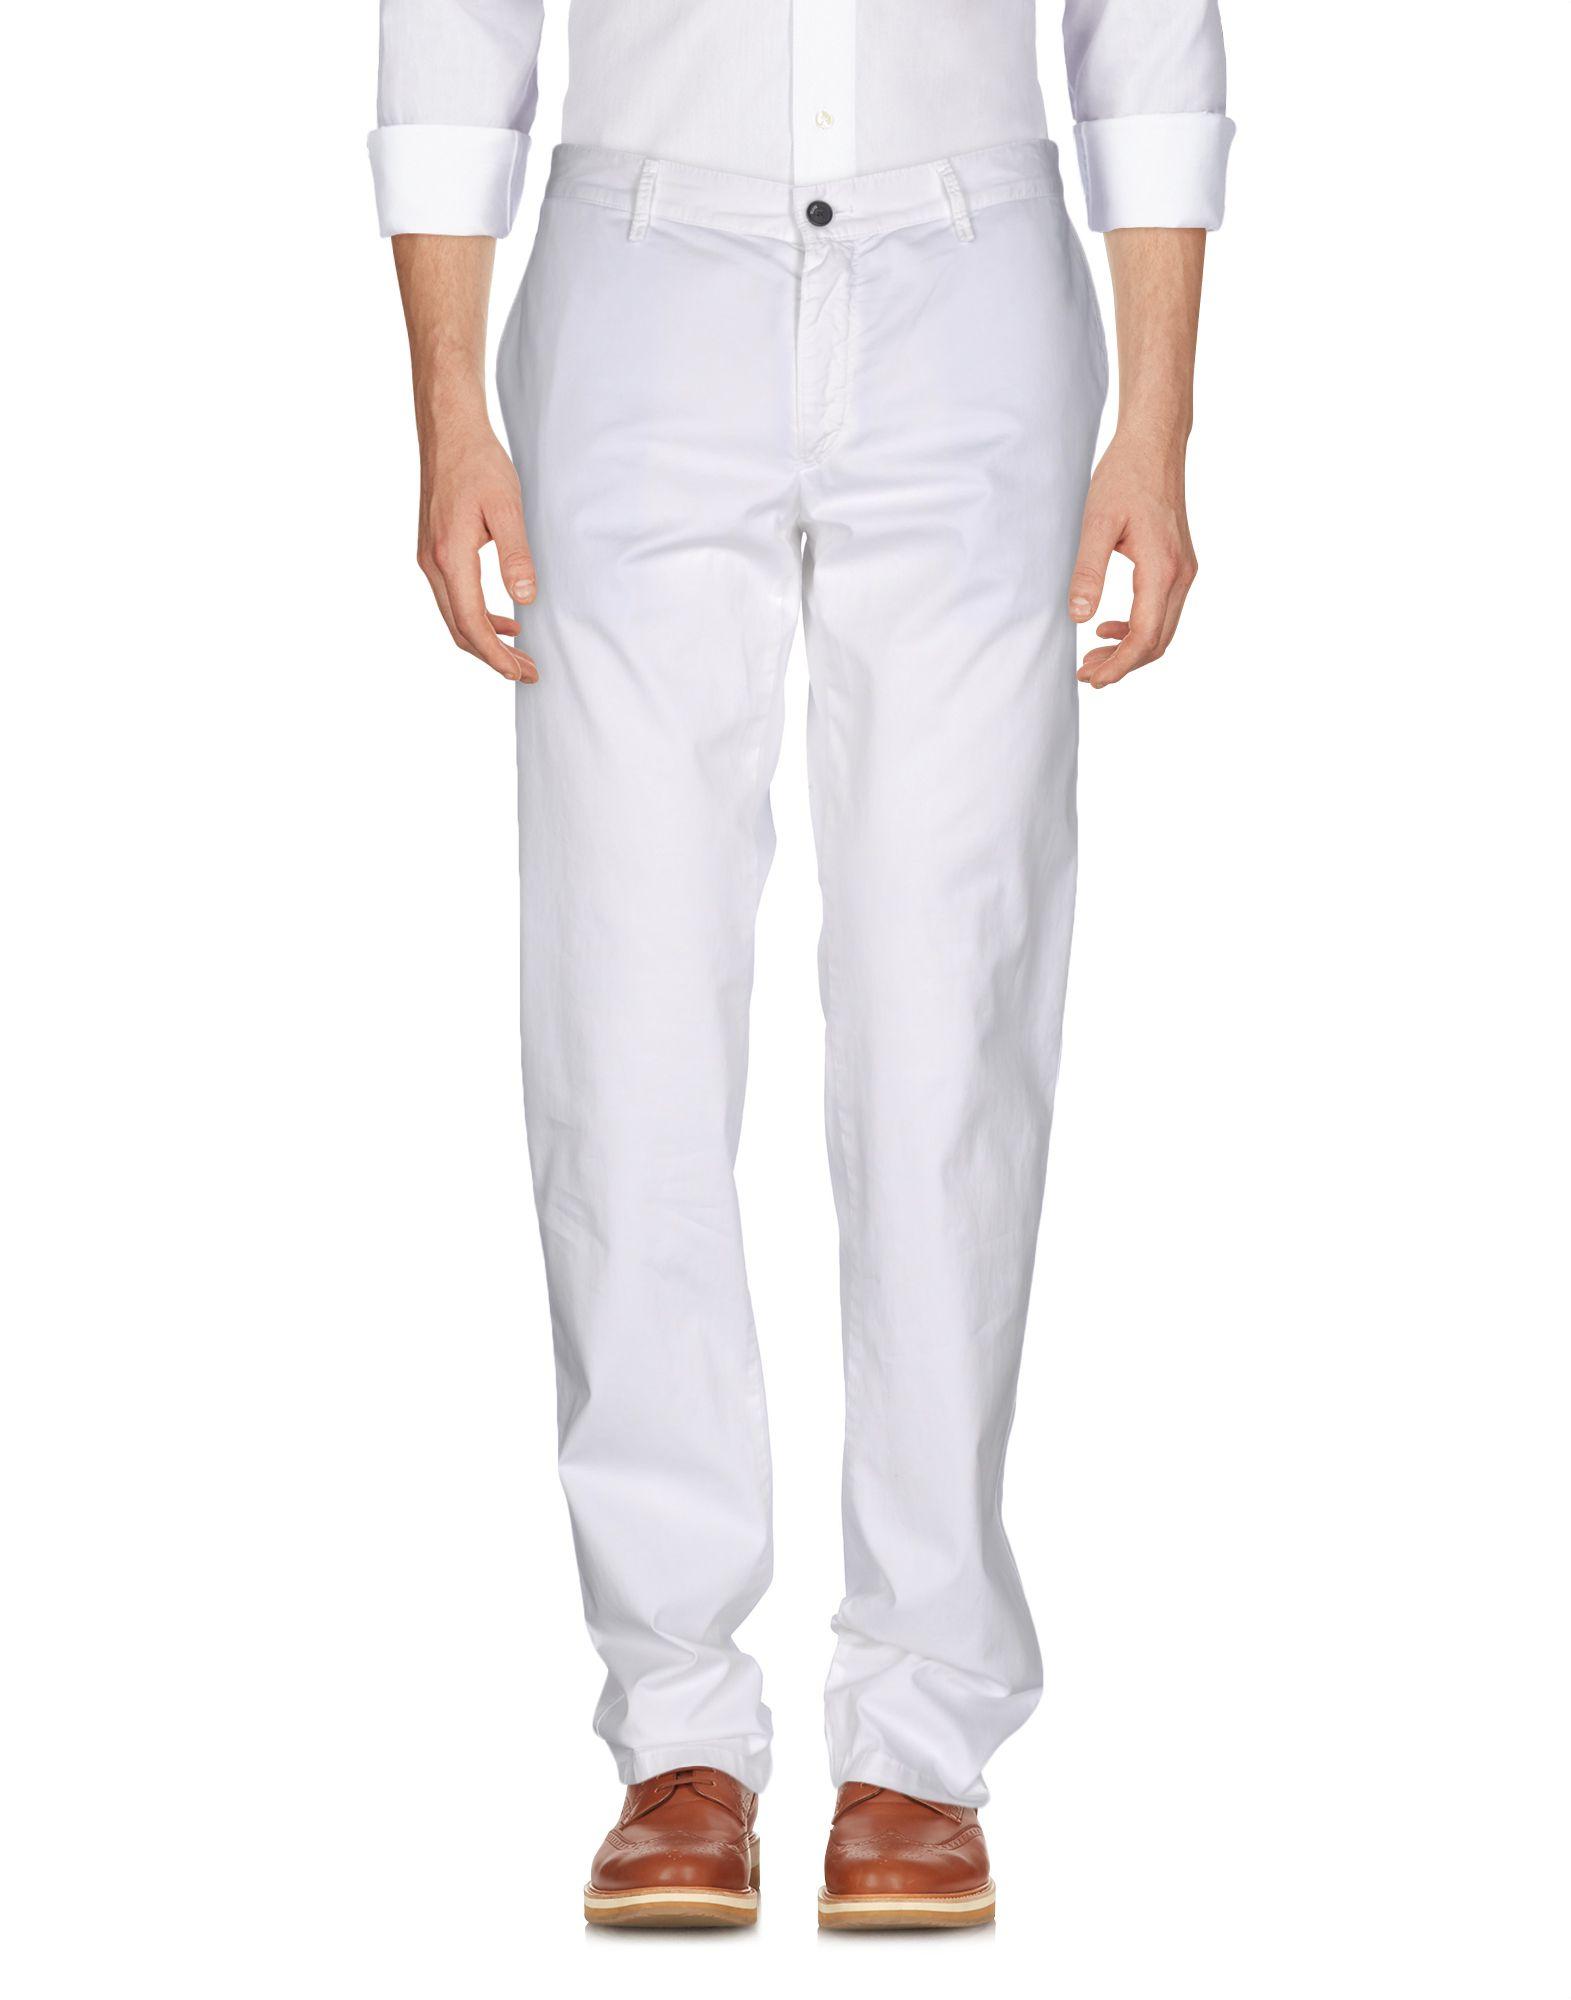 купить ALVIERO MARTINI 1a CLASSE Повседневные брюки по цене 3800 рублей